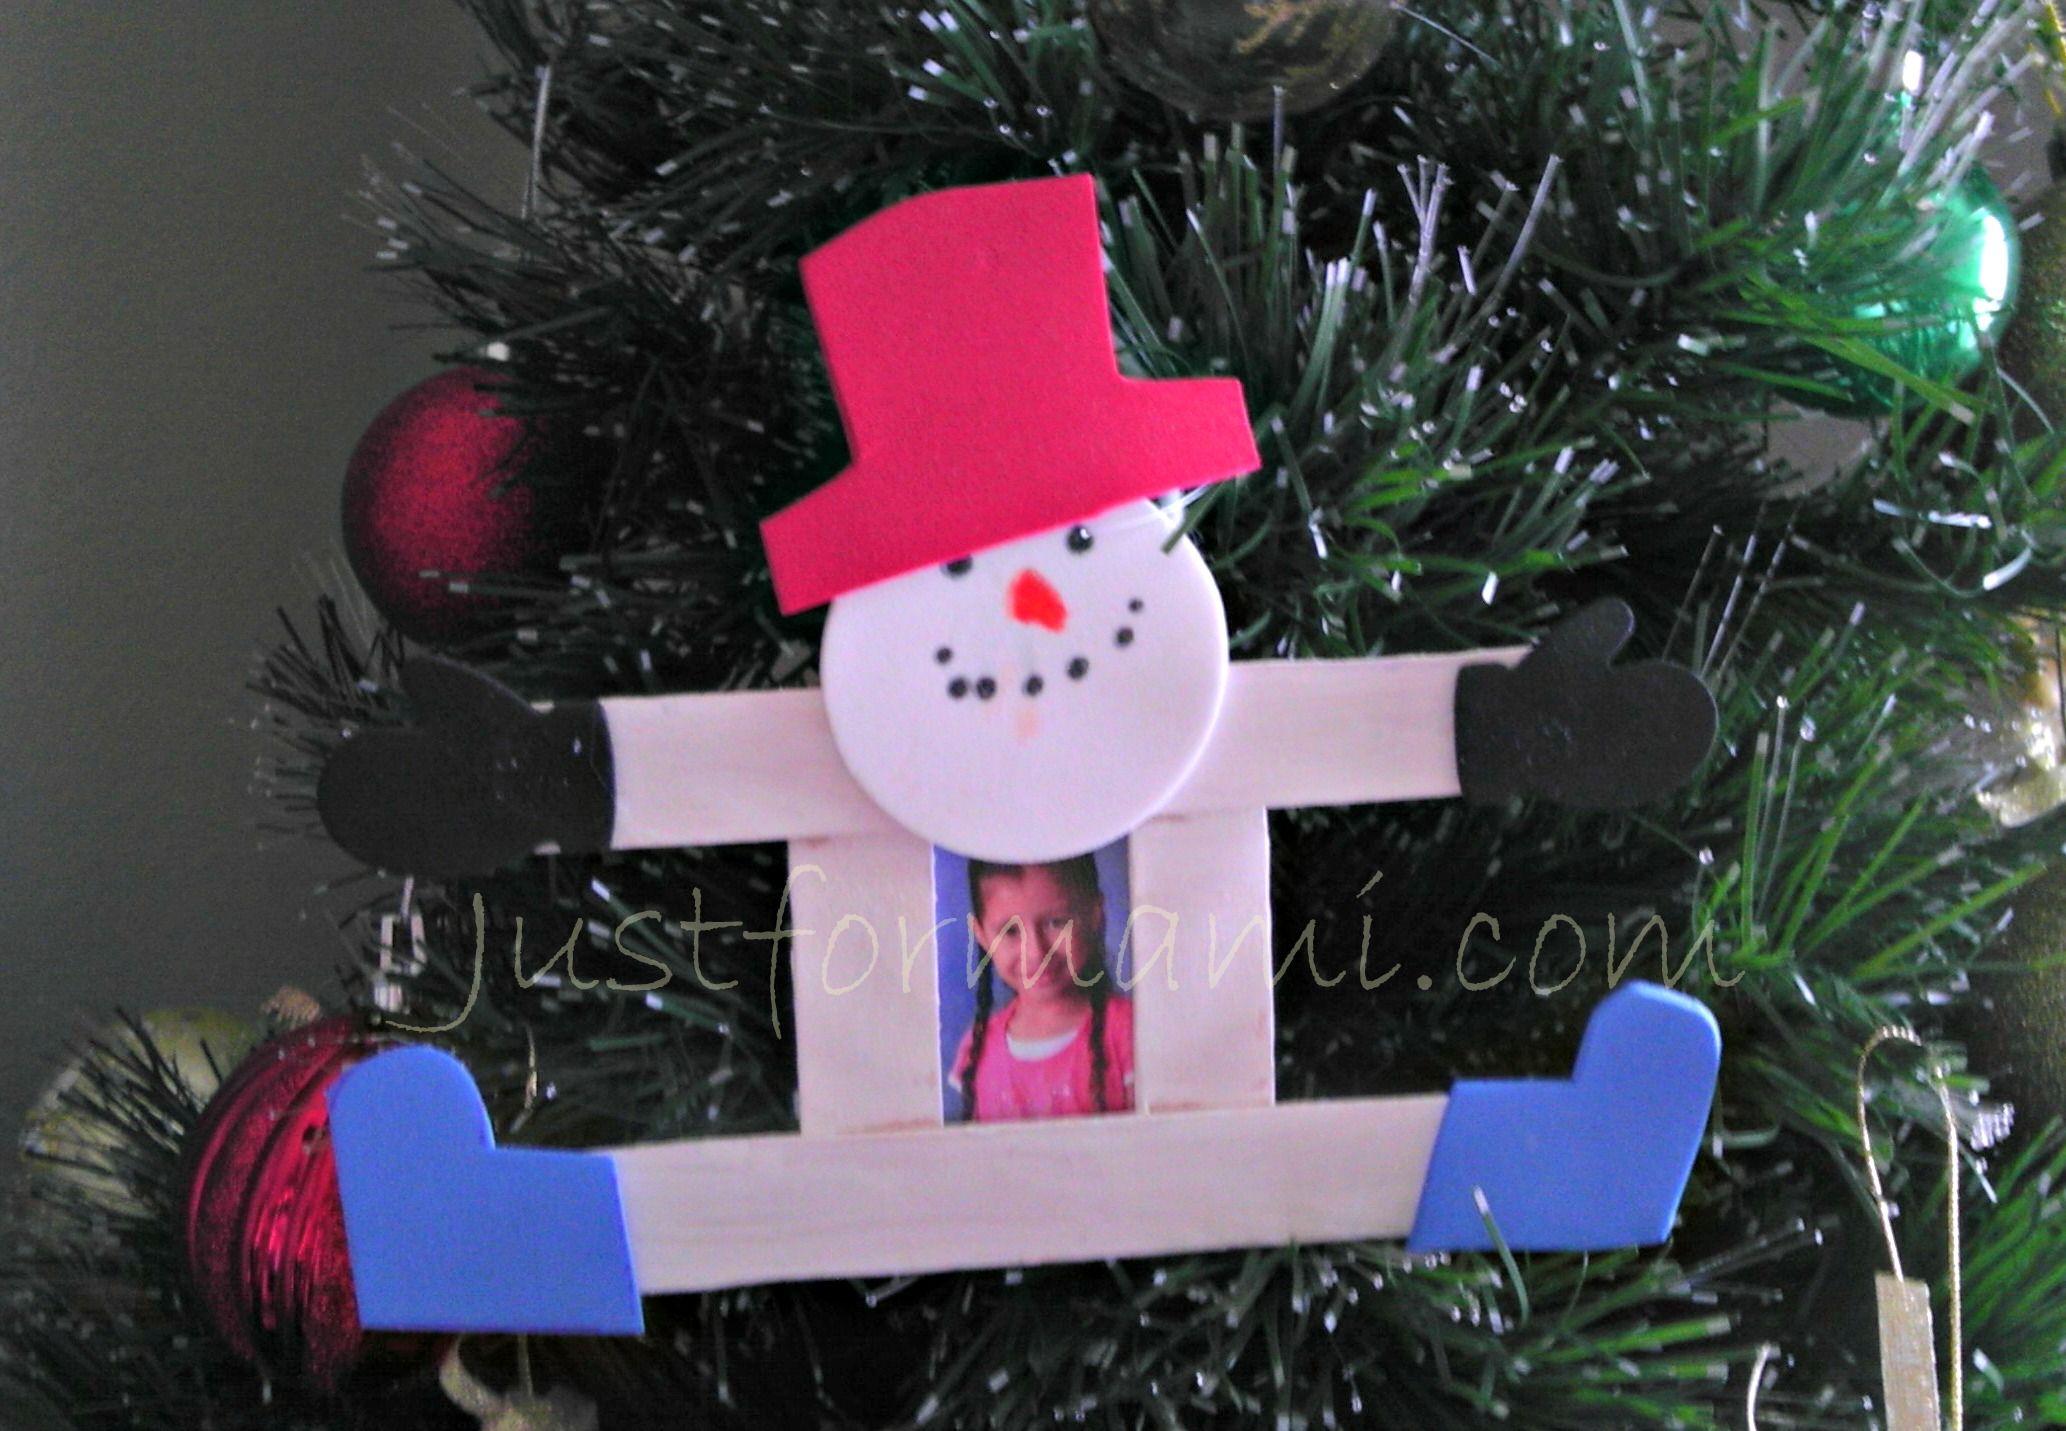 Snowman hecho con paletas diy navidad manualidades for Cosas para hacer de navidad faciles